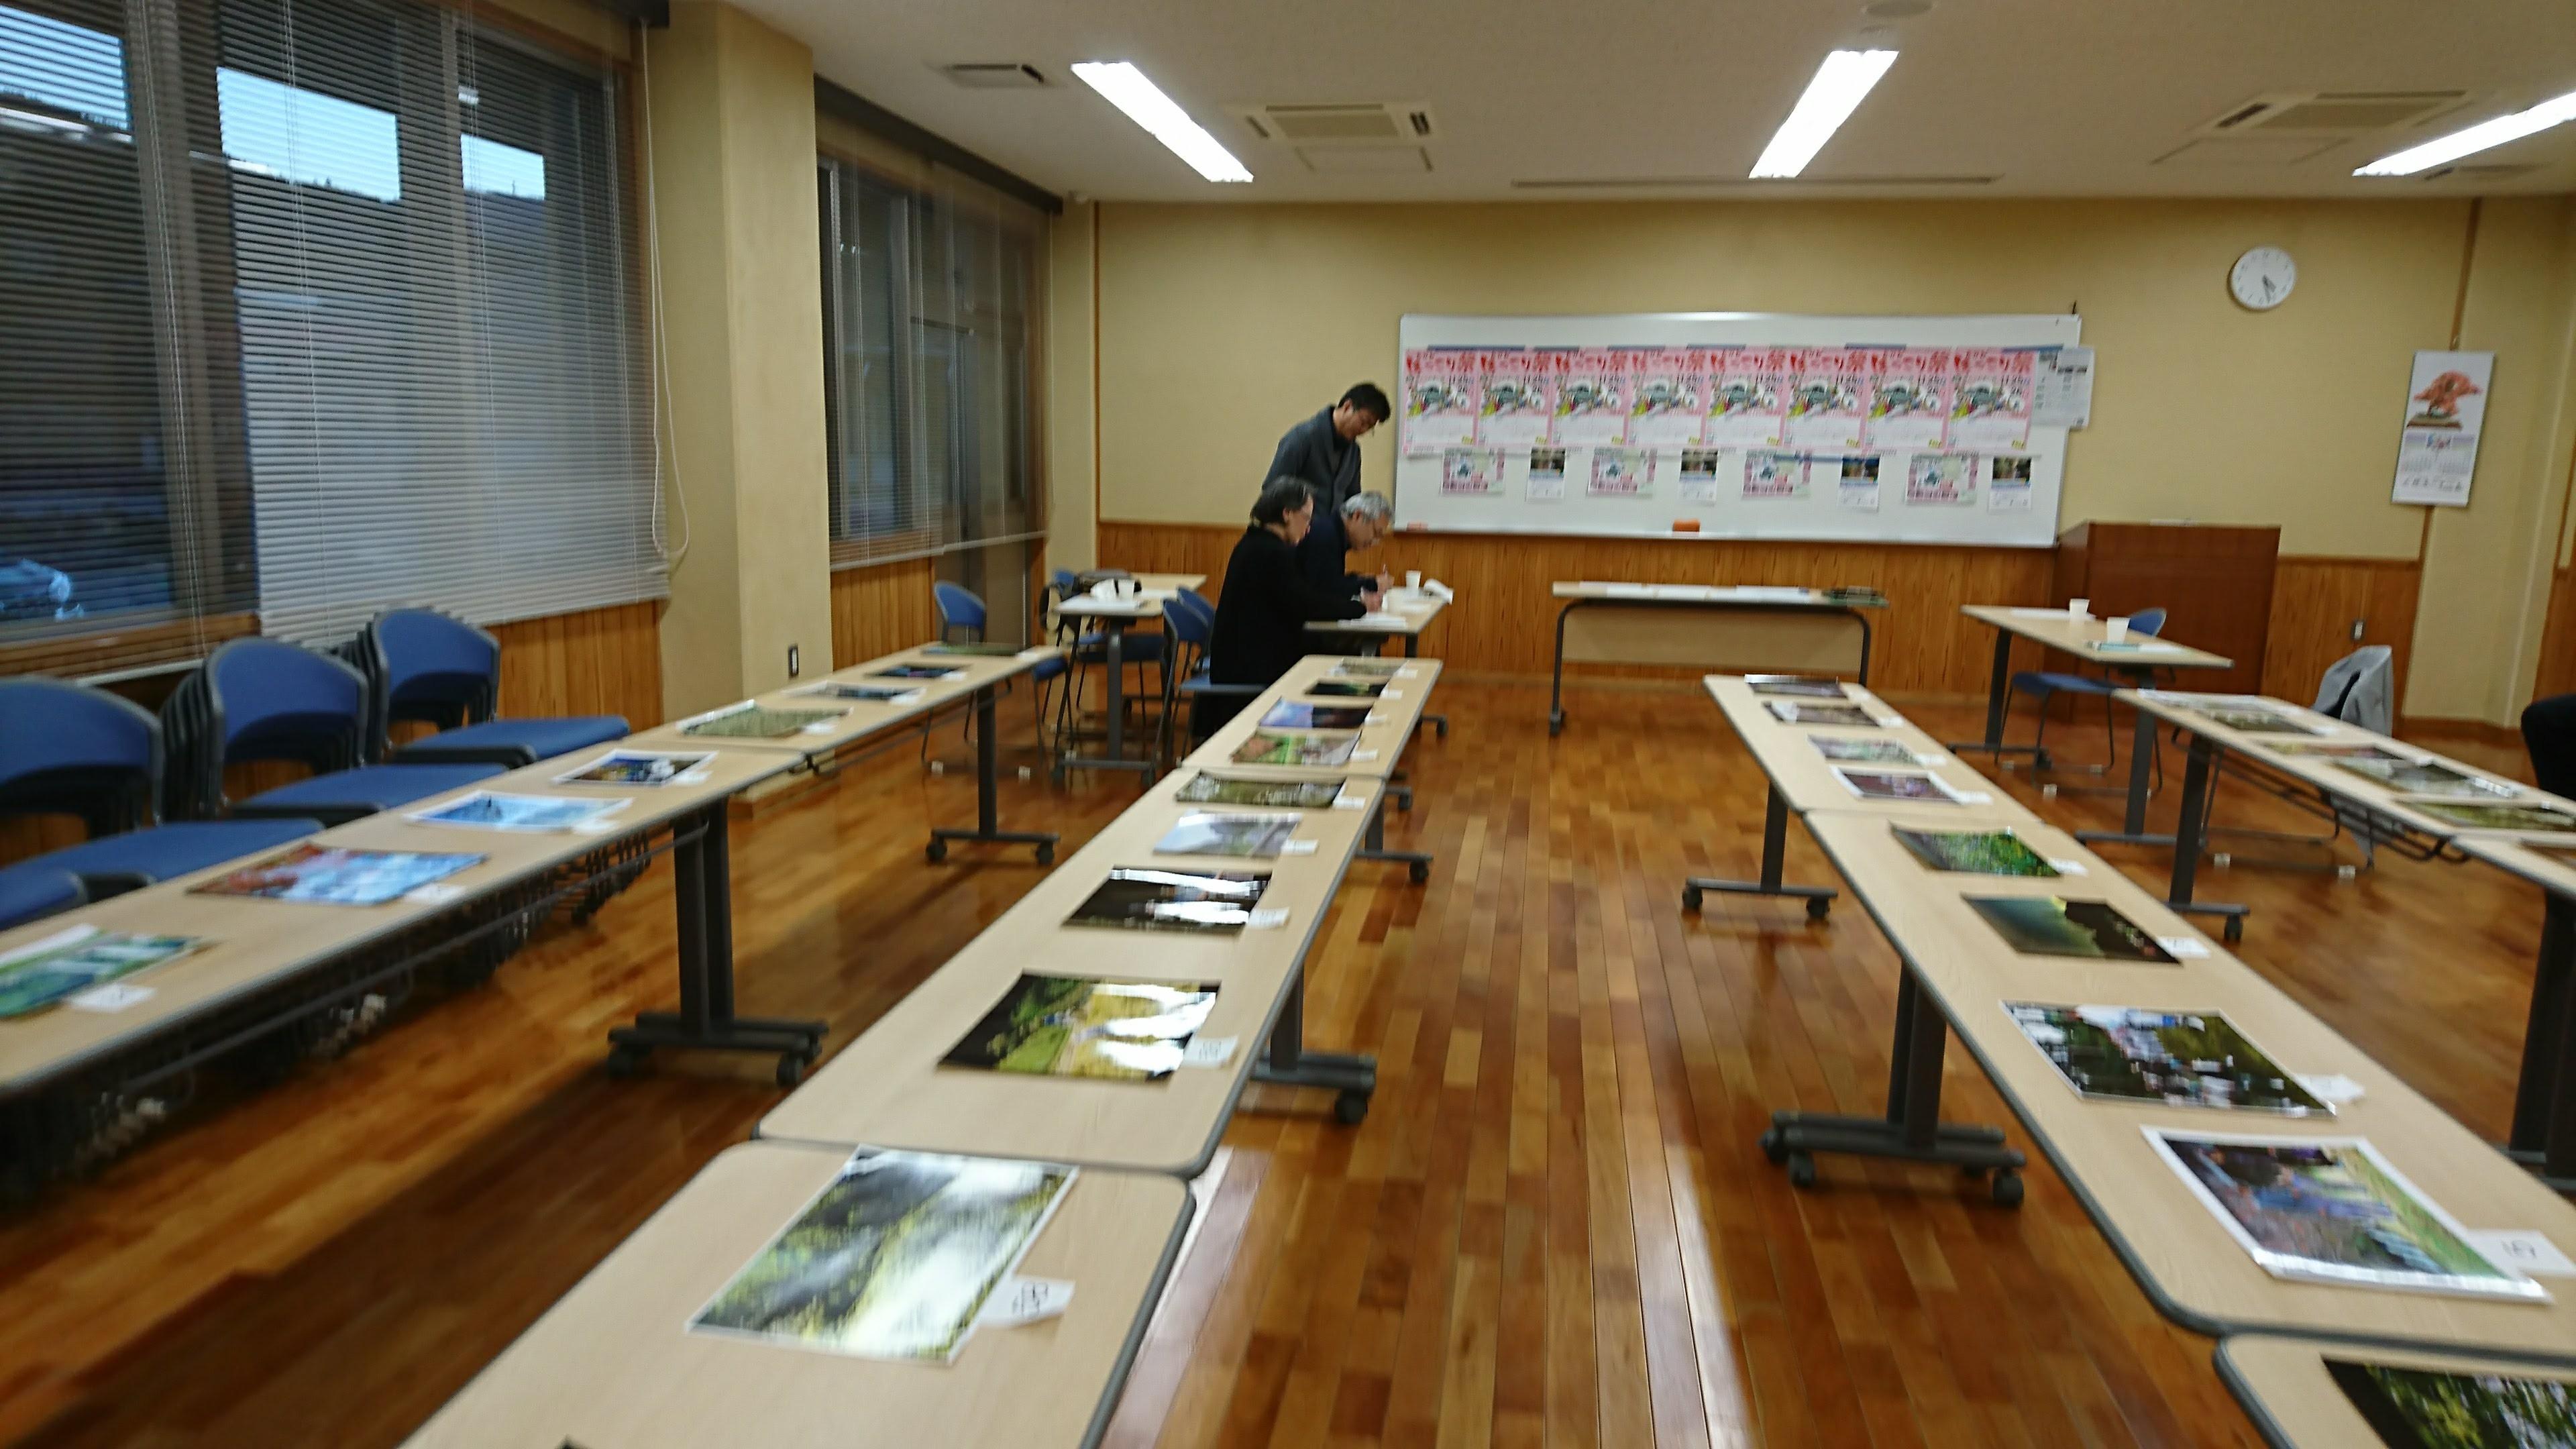 第2回「アートな田人」フォトコンテスト審査会を実施しました!